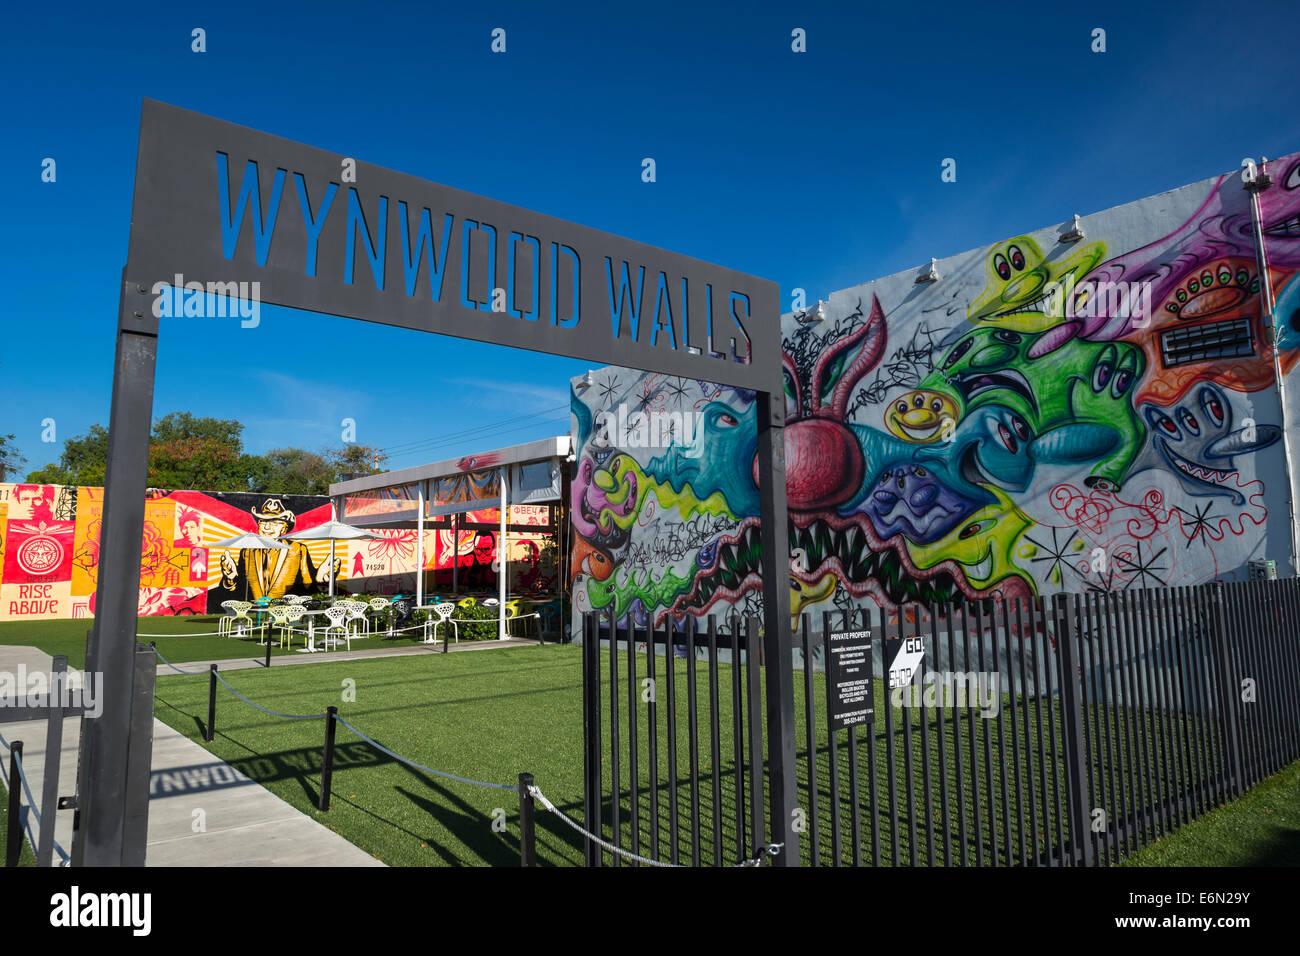 ENTRANCE SIGN WYNWOOD WALLS UPSCALE STREET ART CENTER WYNWOOD MIAMI FLORIDA USA - Stock Image